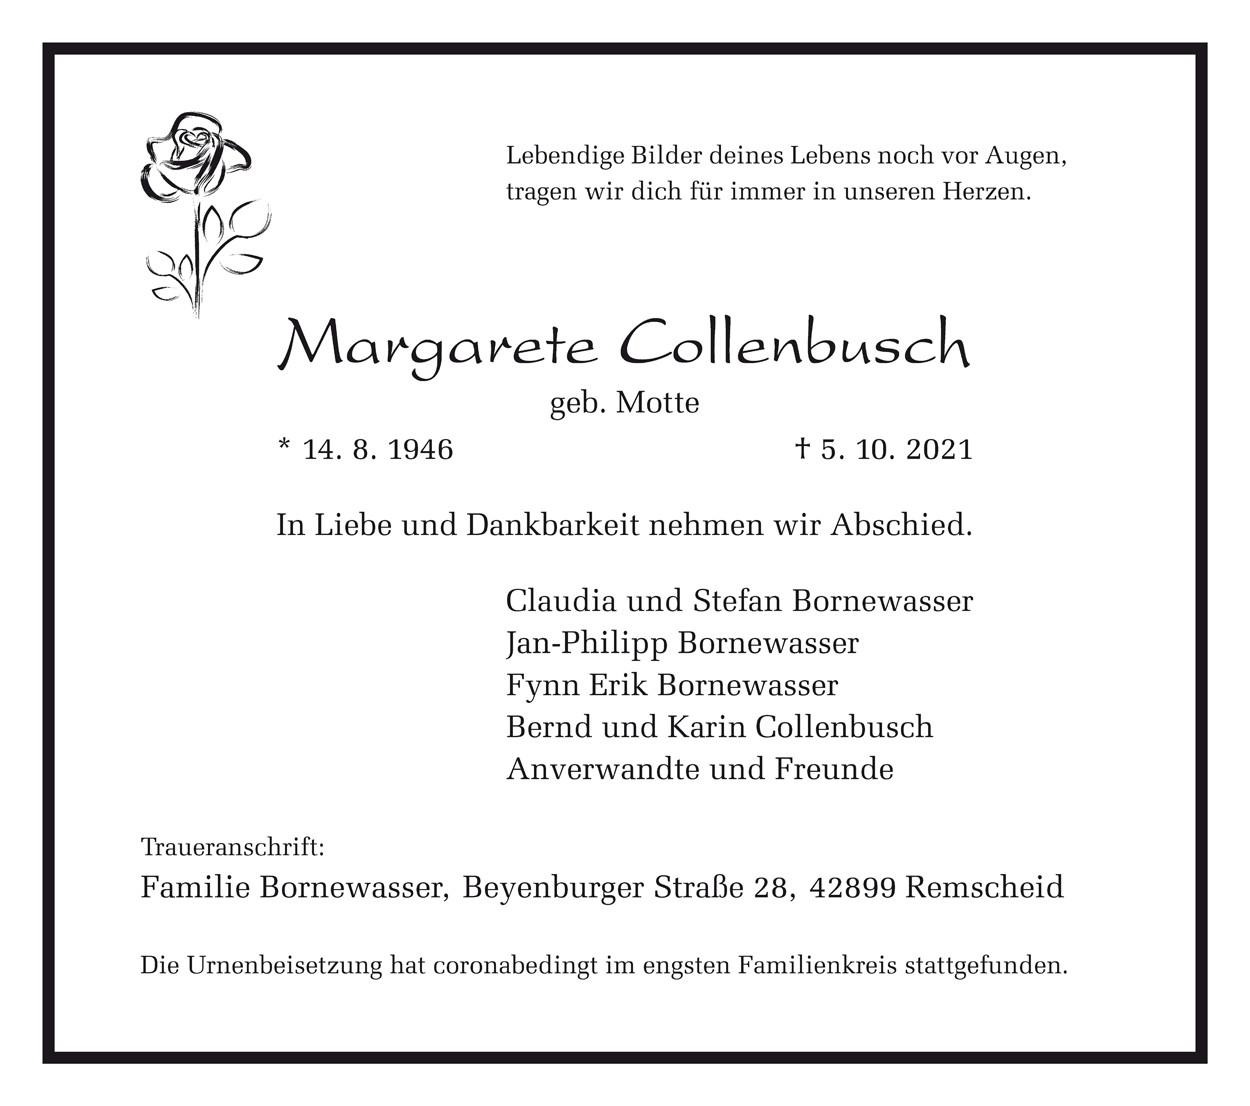 Margarete Collenbusch